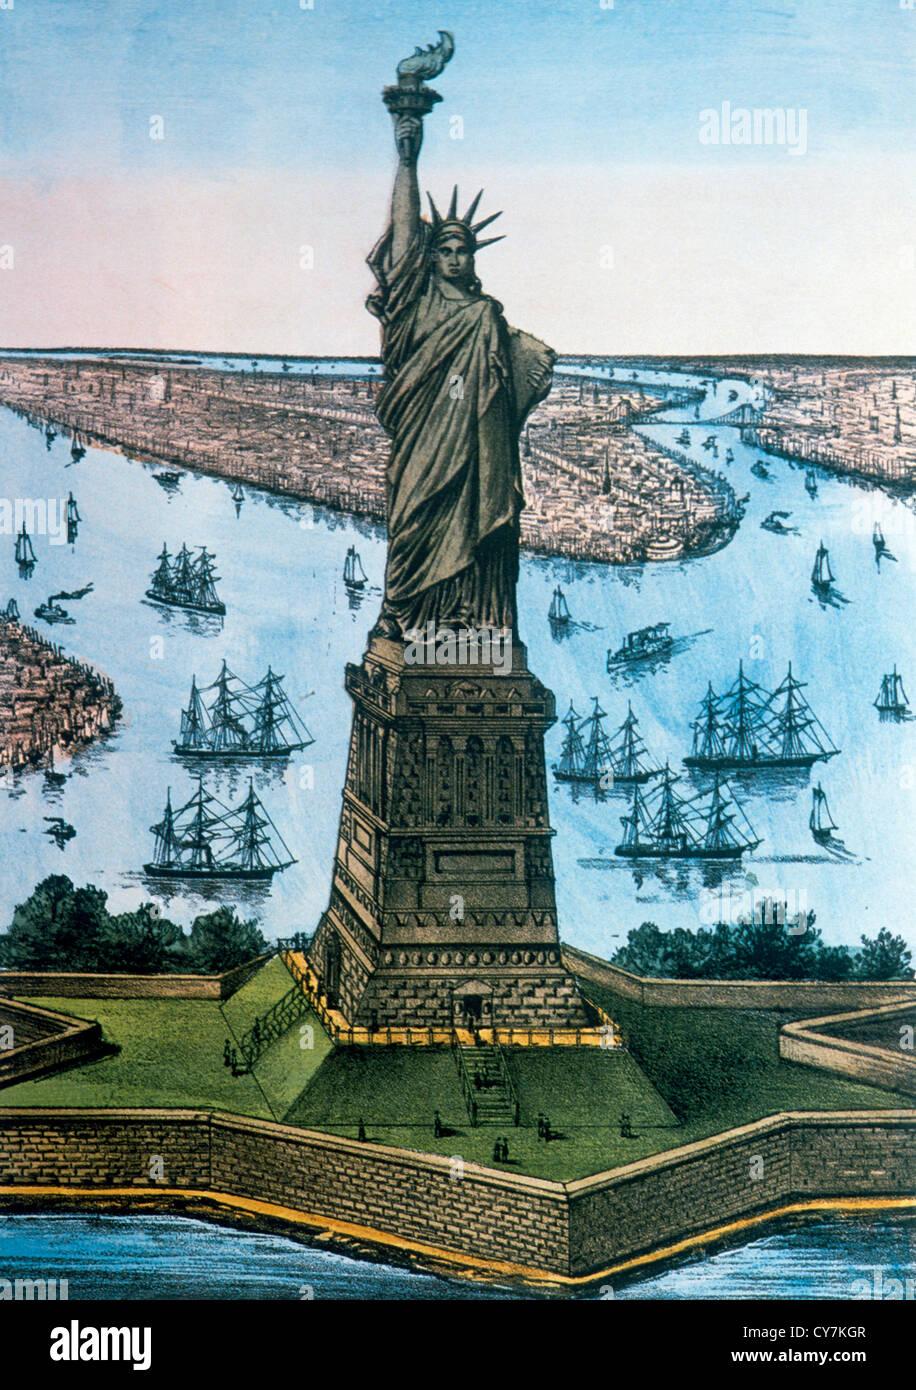 Statua della Libertà di New York, Stati Uniti, Currier & Ives, litografia, circa 1885 Foto Stock